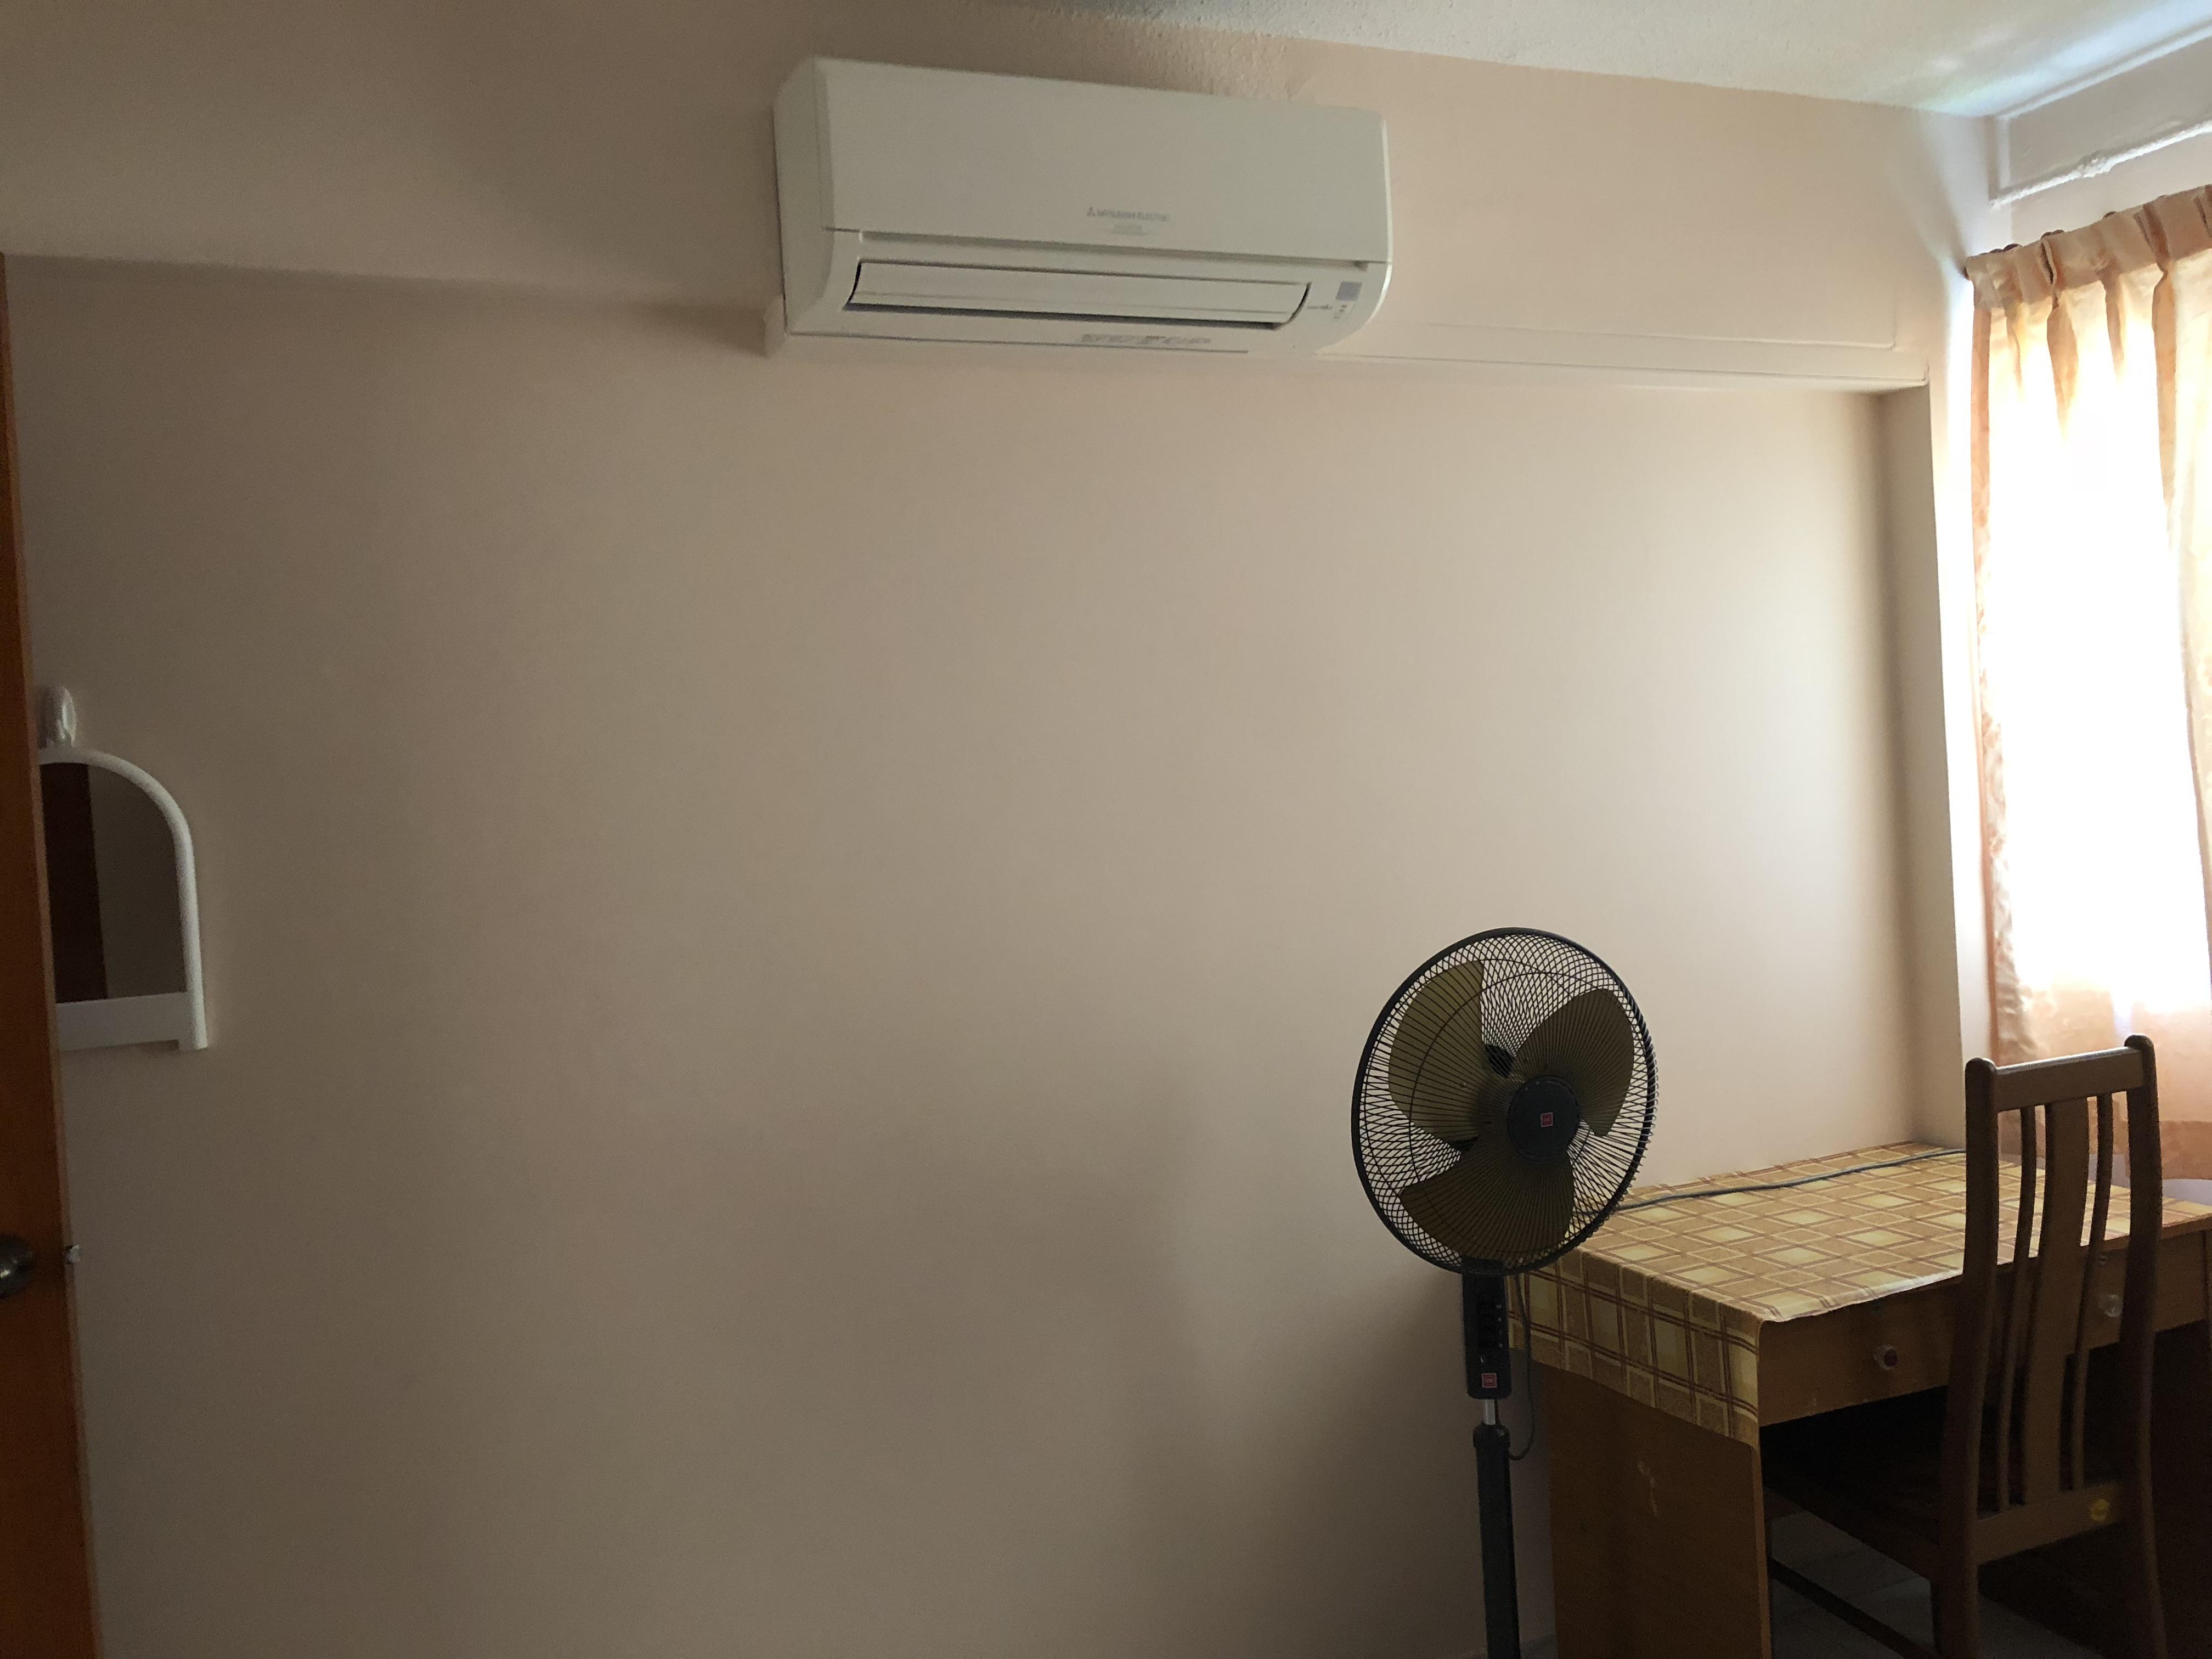 碧山组屋出租, 普通房空调照片